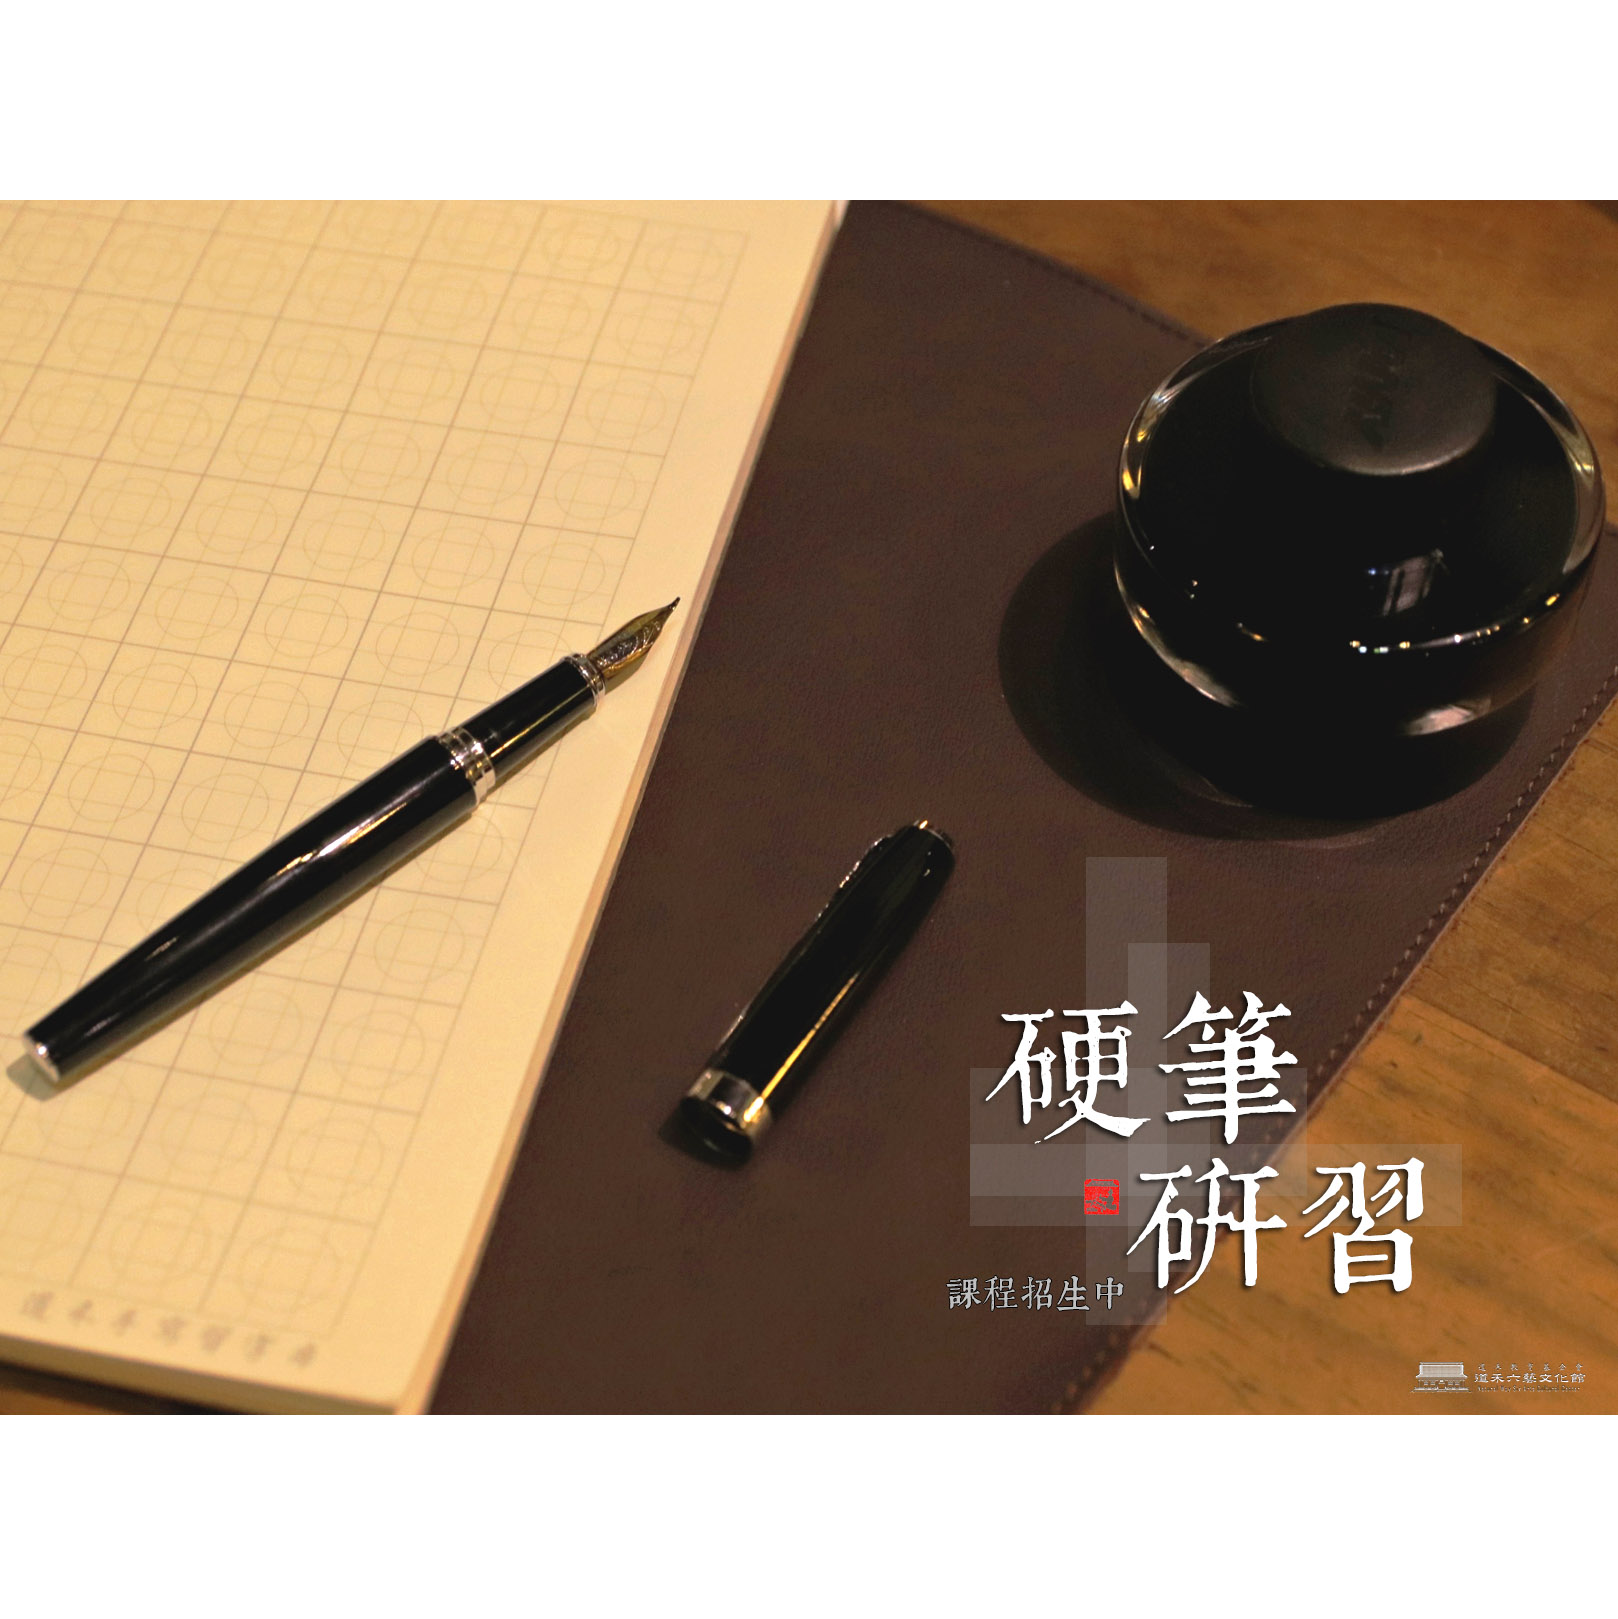 [ 習六藝●書 ] 硬筆研習 即將開班